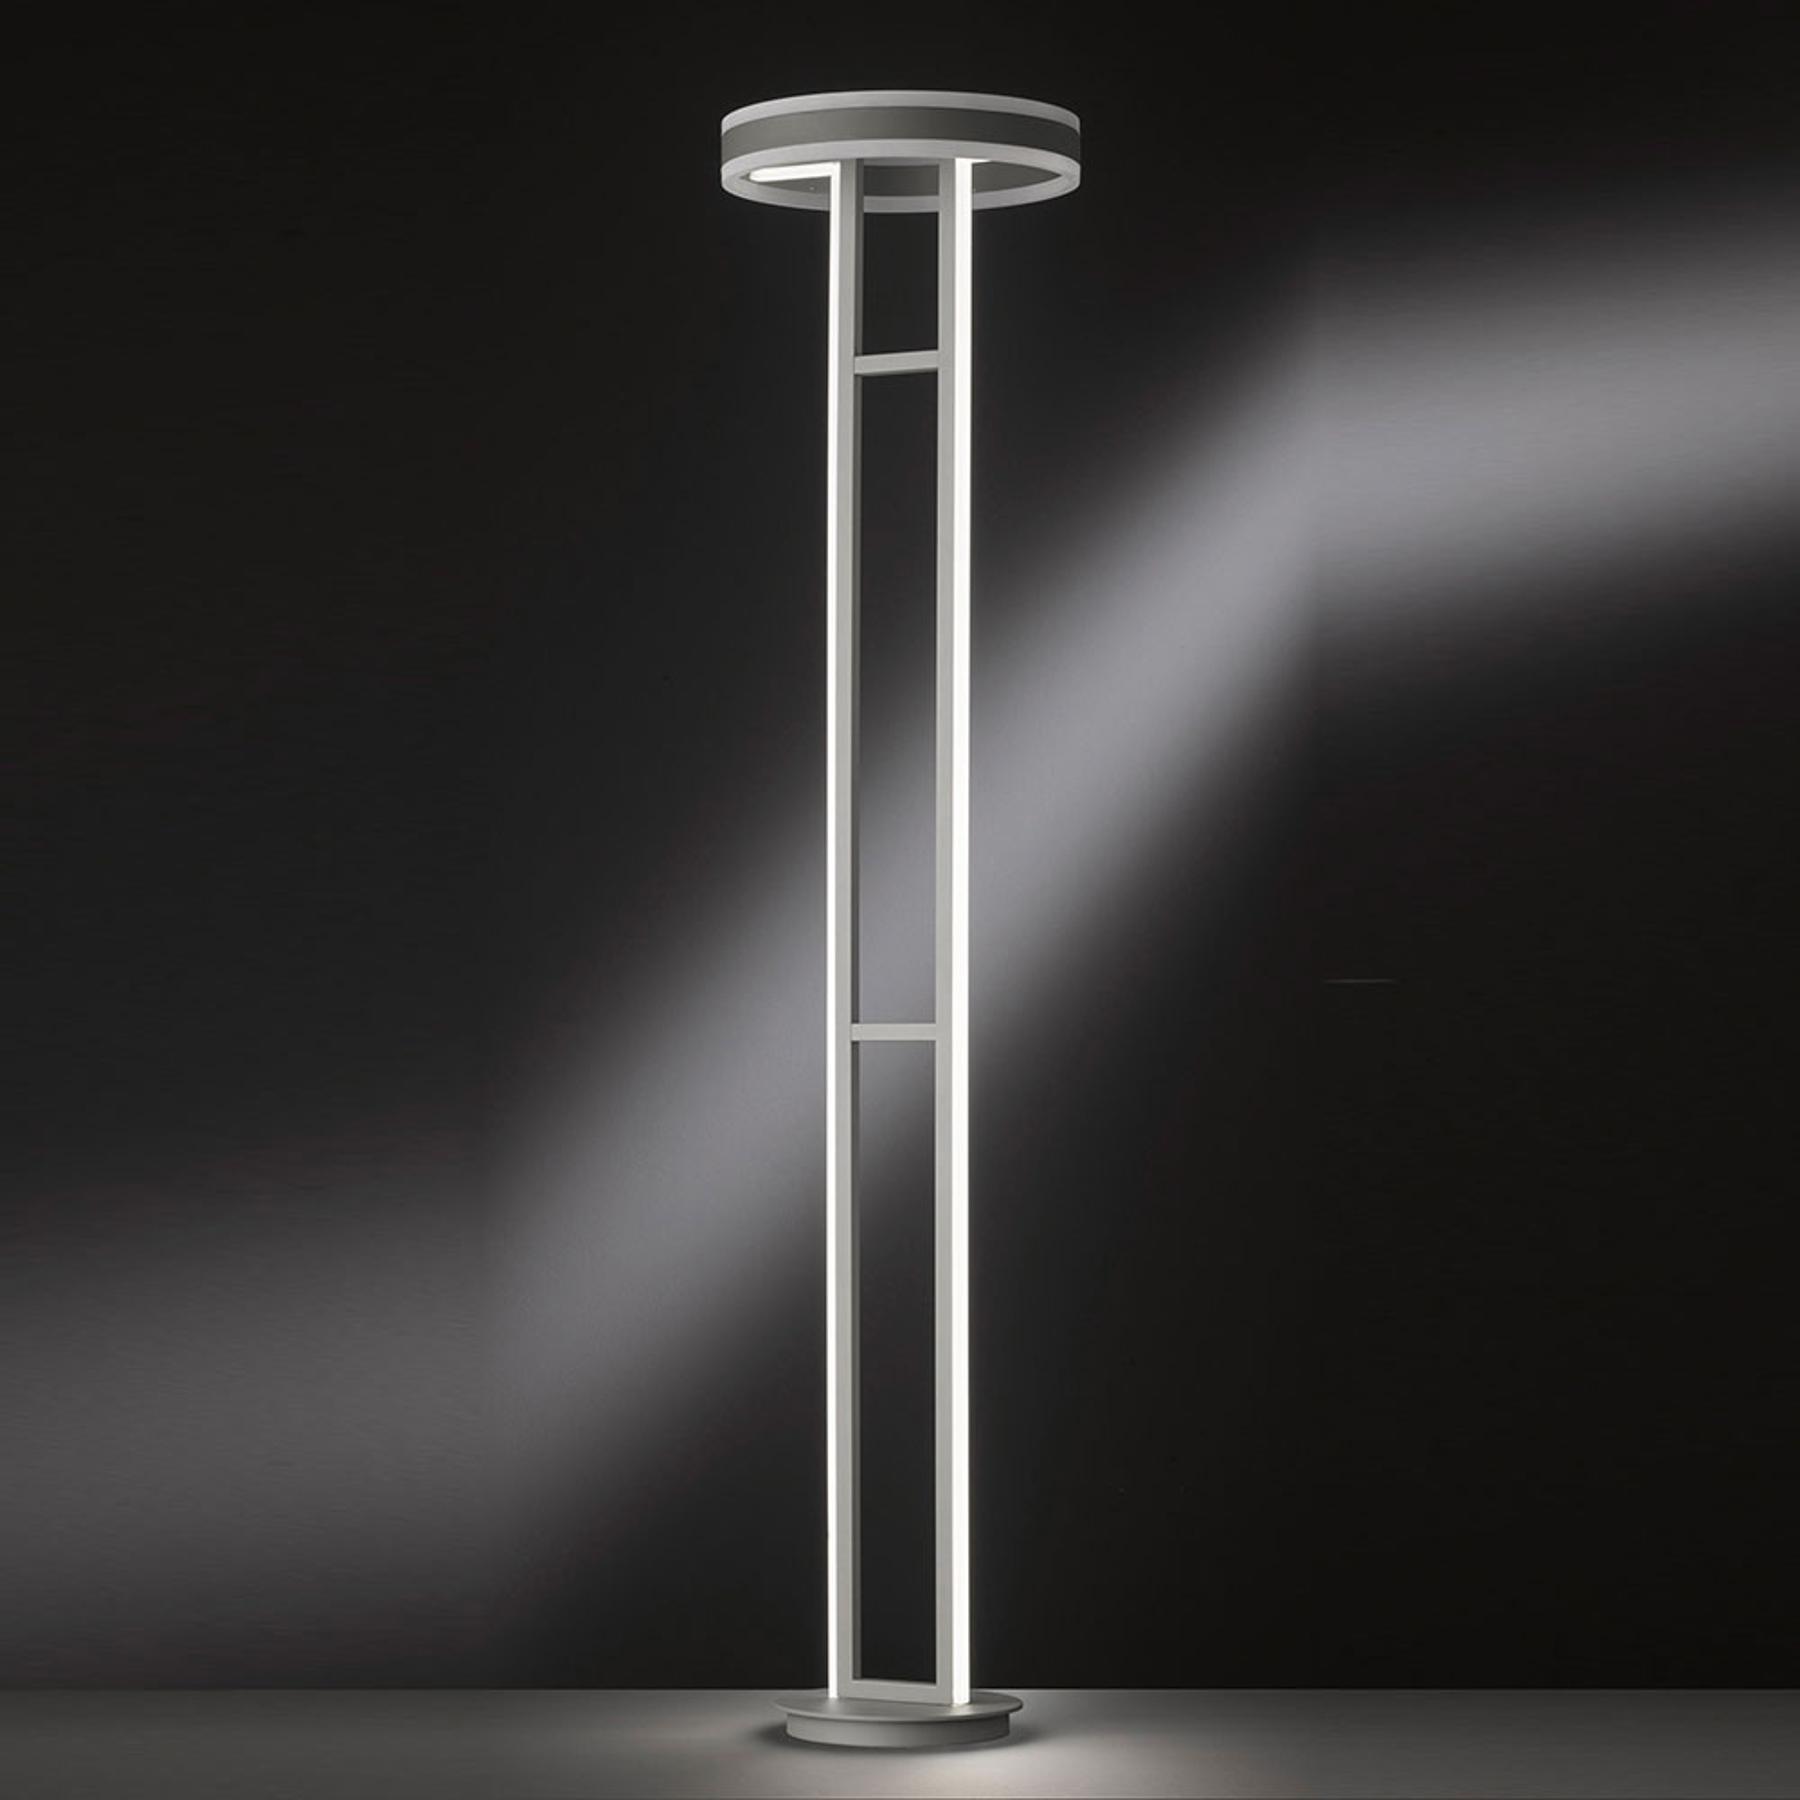 LED-kattovalaisin Kemi, kaukosäädin, pyöreä